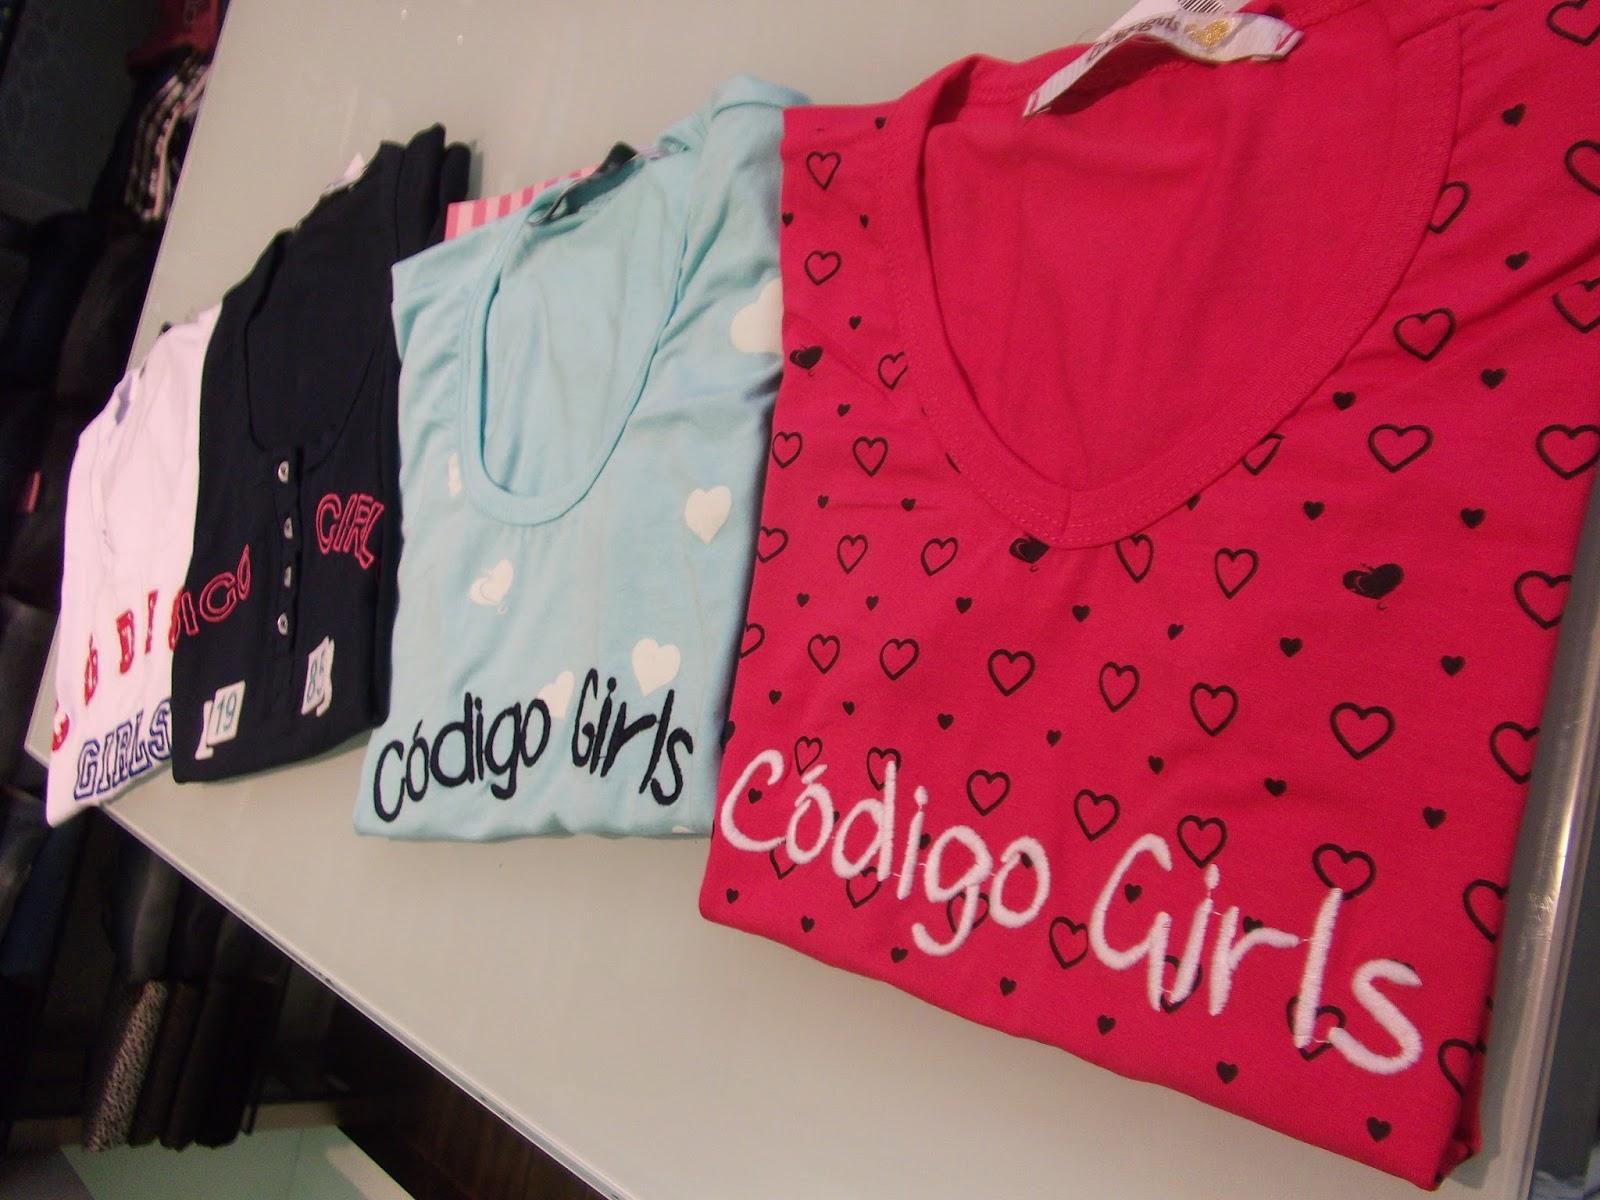 dd624f39d0f Roupas descoladas- Código Girls Indaiatuba - Blog da Rapha Vitiello